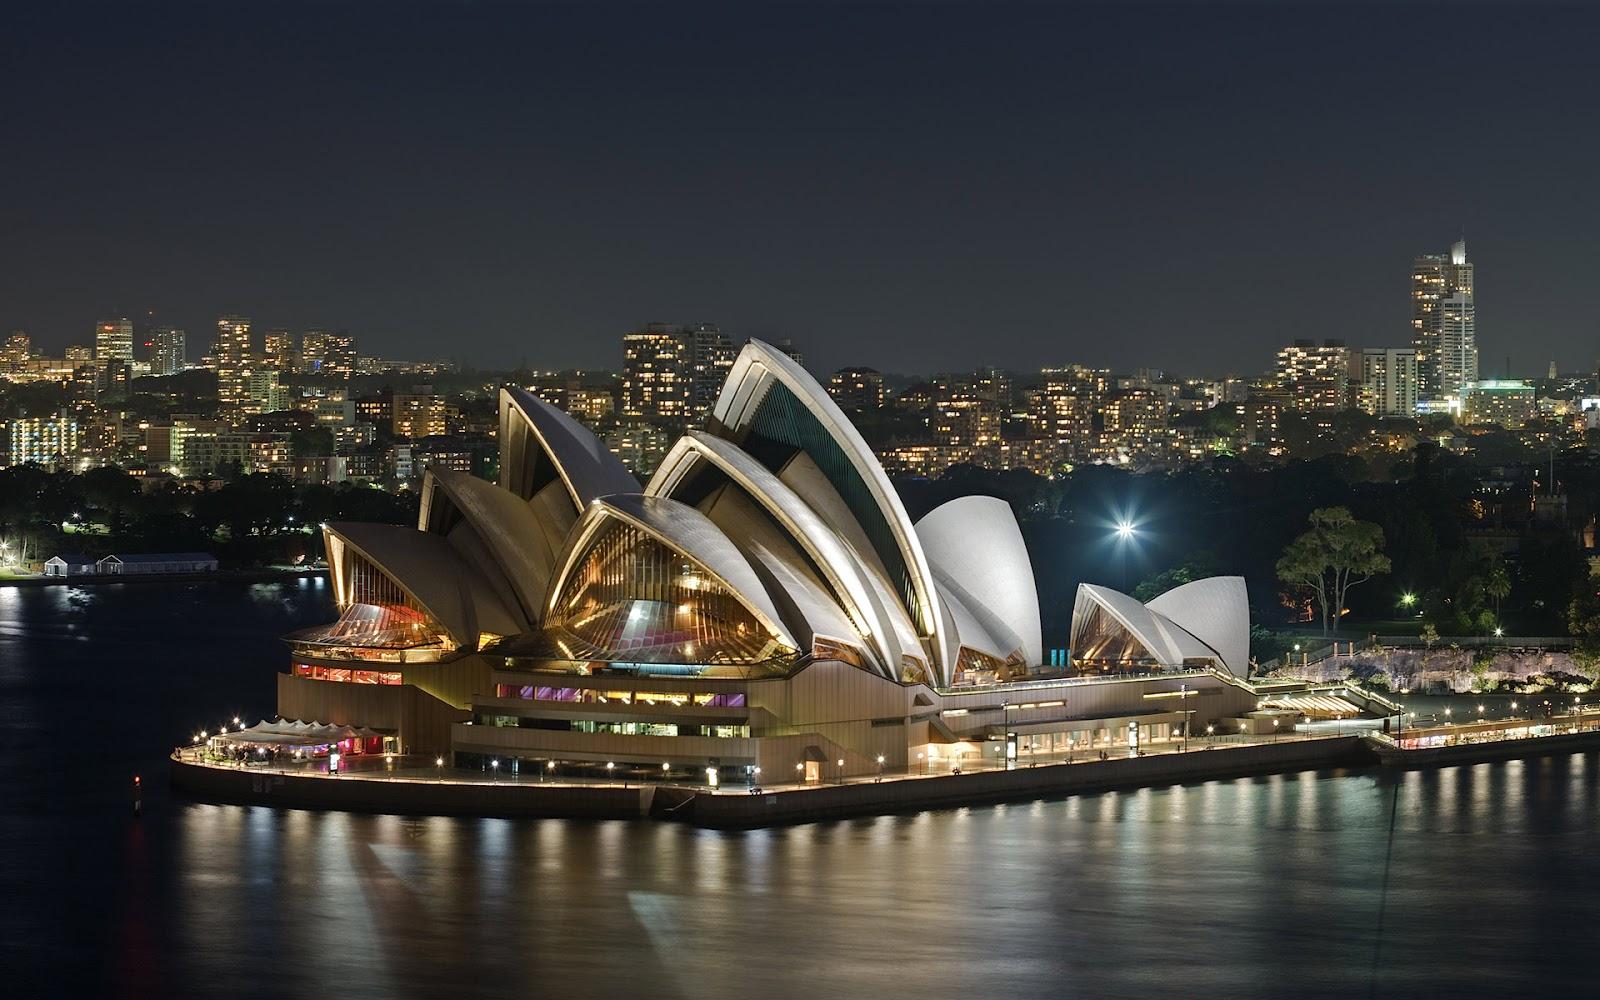 http://1.bp.blogspot.com/-nrpfZHSZsws/UEBRiw2R3JI/AAAAAAAAAqc/ulWaFBs_3vI/s1600/Sydney+Wallpaper+HD+2012-2013+08.jpg